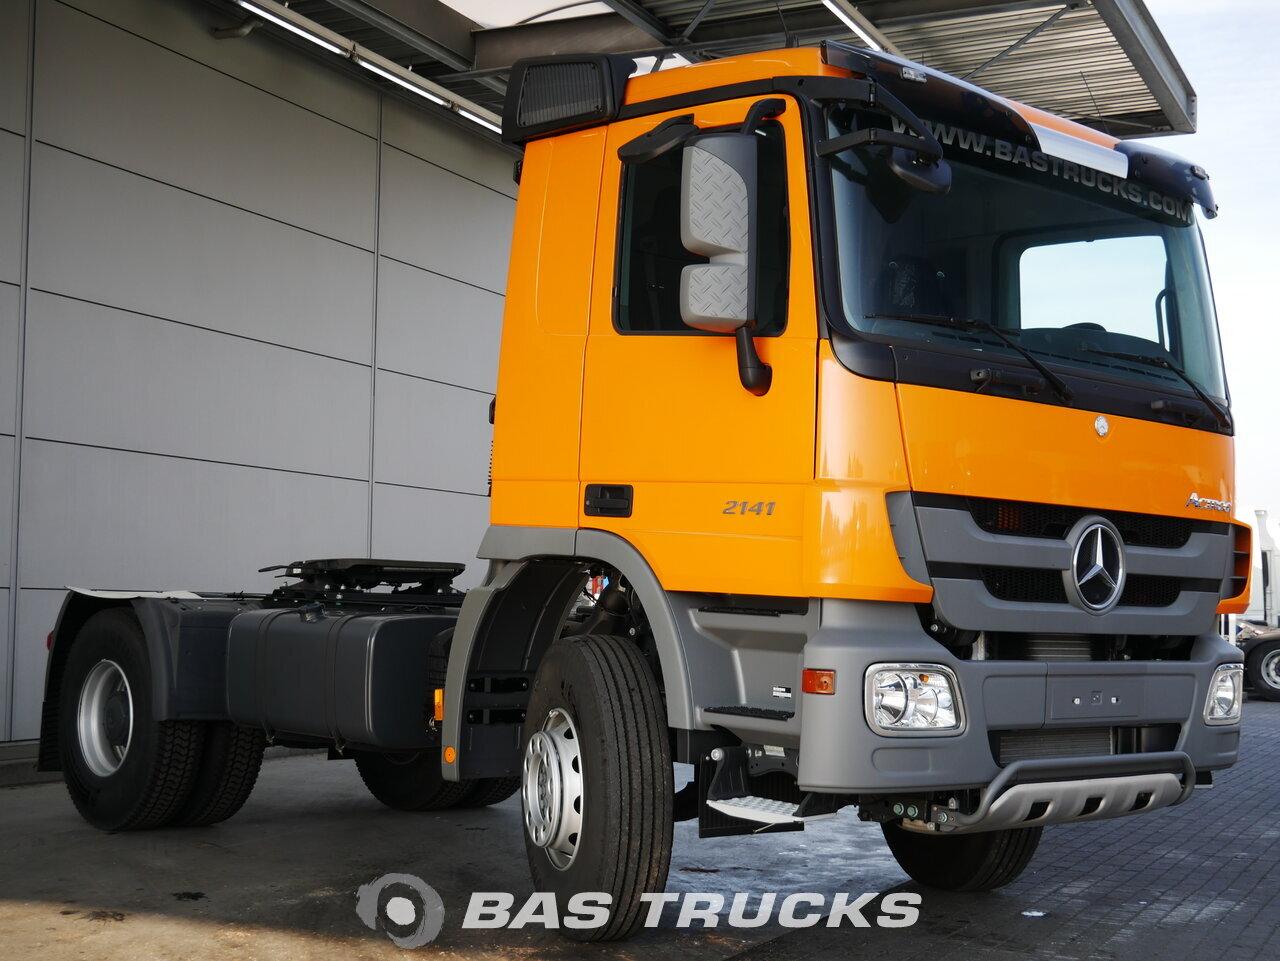 foto di Nuovo Trattore Mercedes Actros 2141 S 4X2